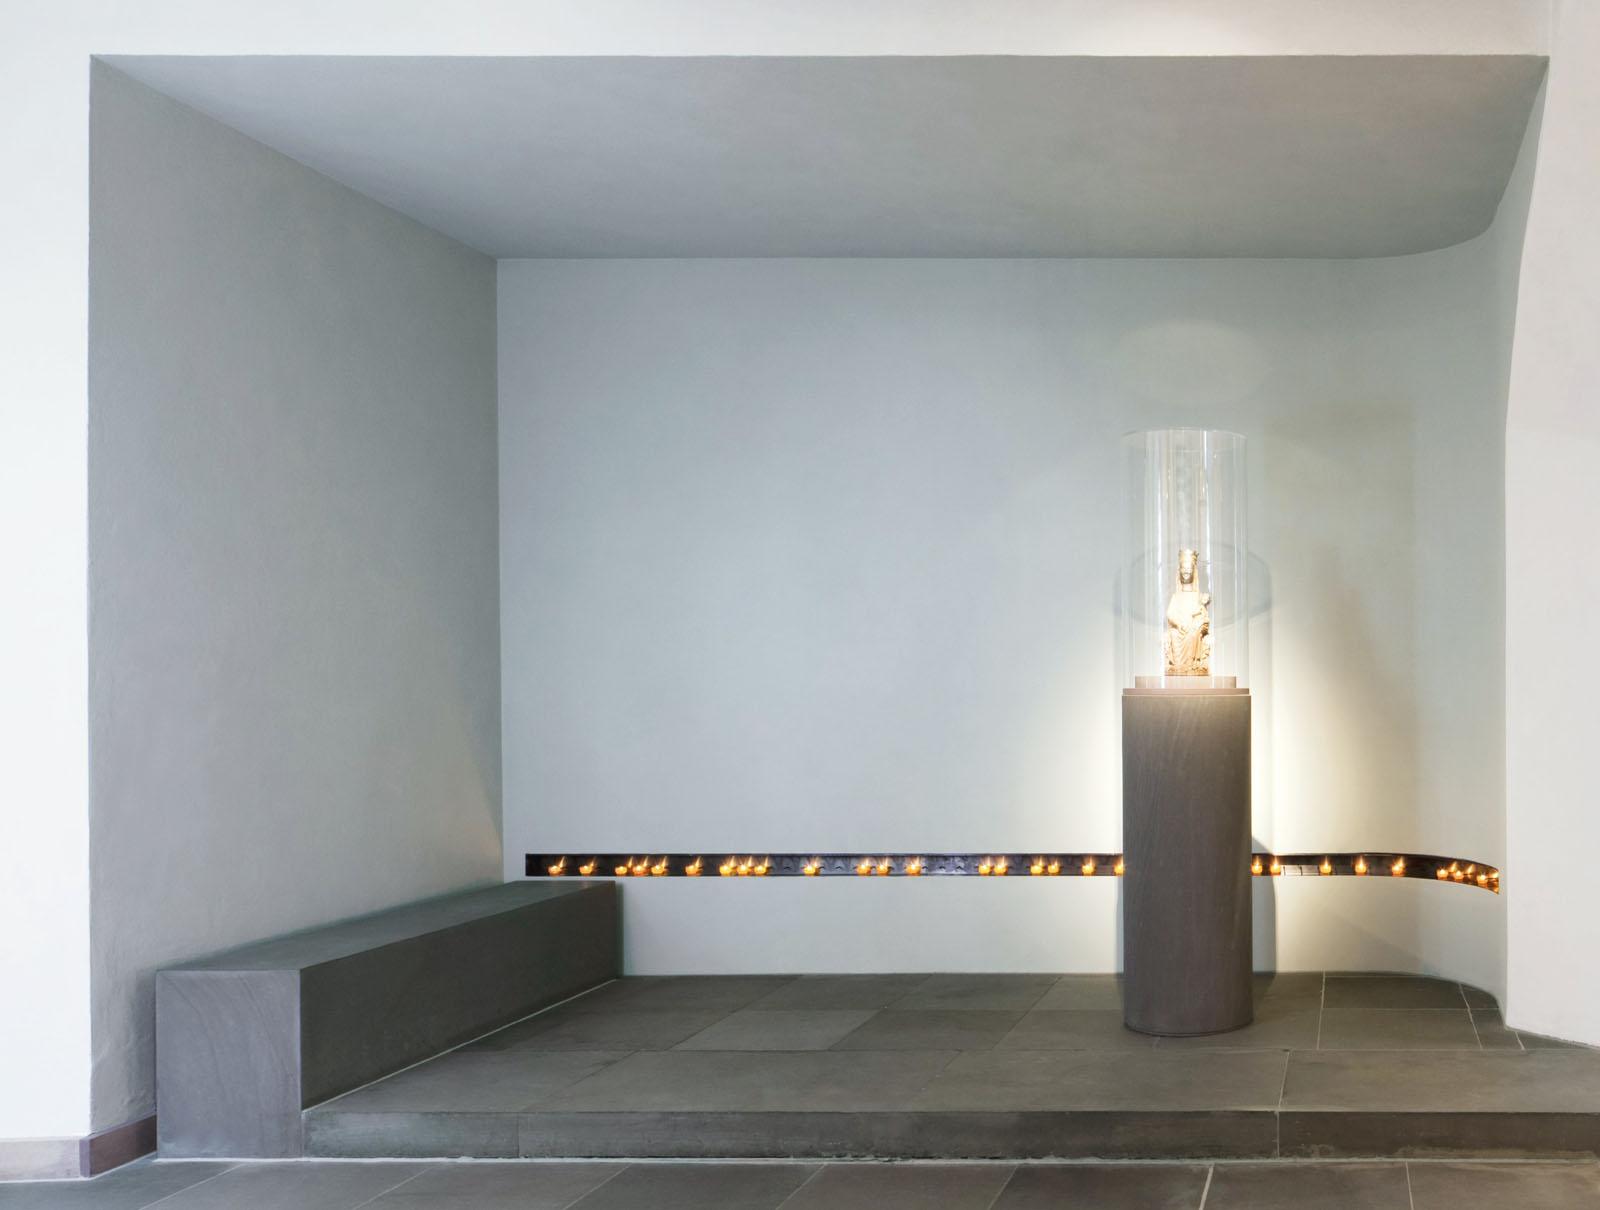 beispiele innenarchitektur - bdia bund deutscher innenarchitekten, Innenarchitektur ideen